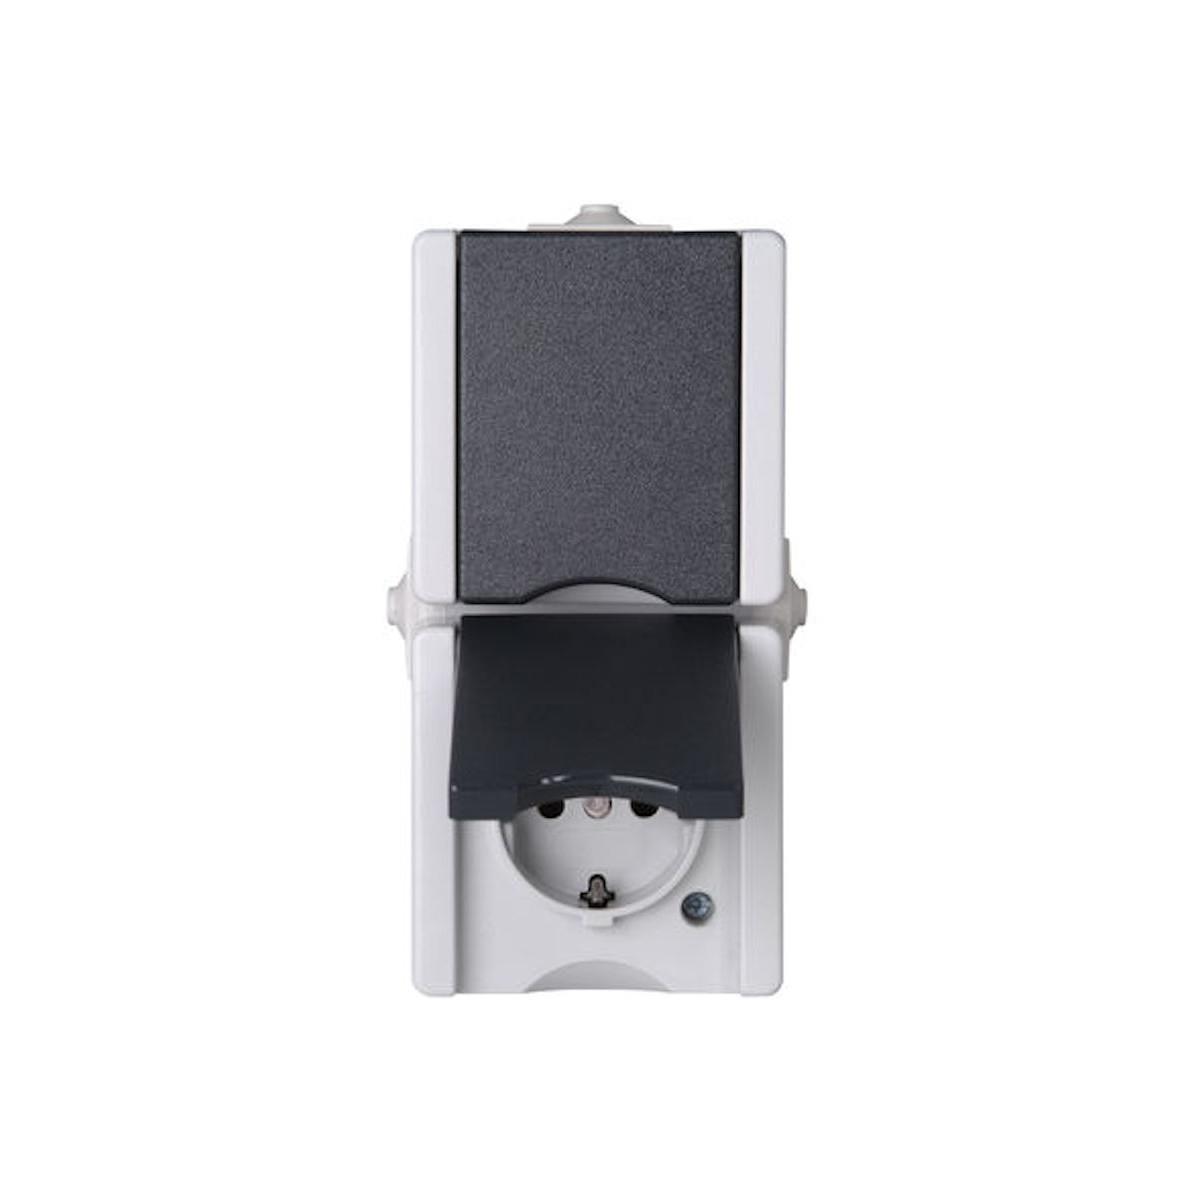 Kopp Feuchtraum Schalter Aufputz Serienschalter Serie proAQA